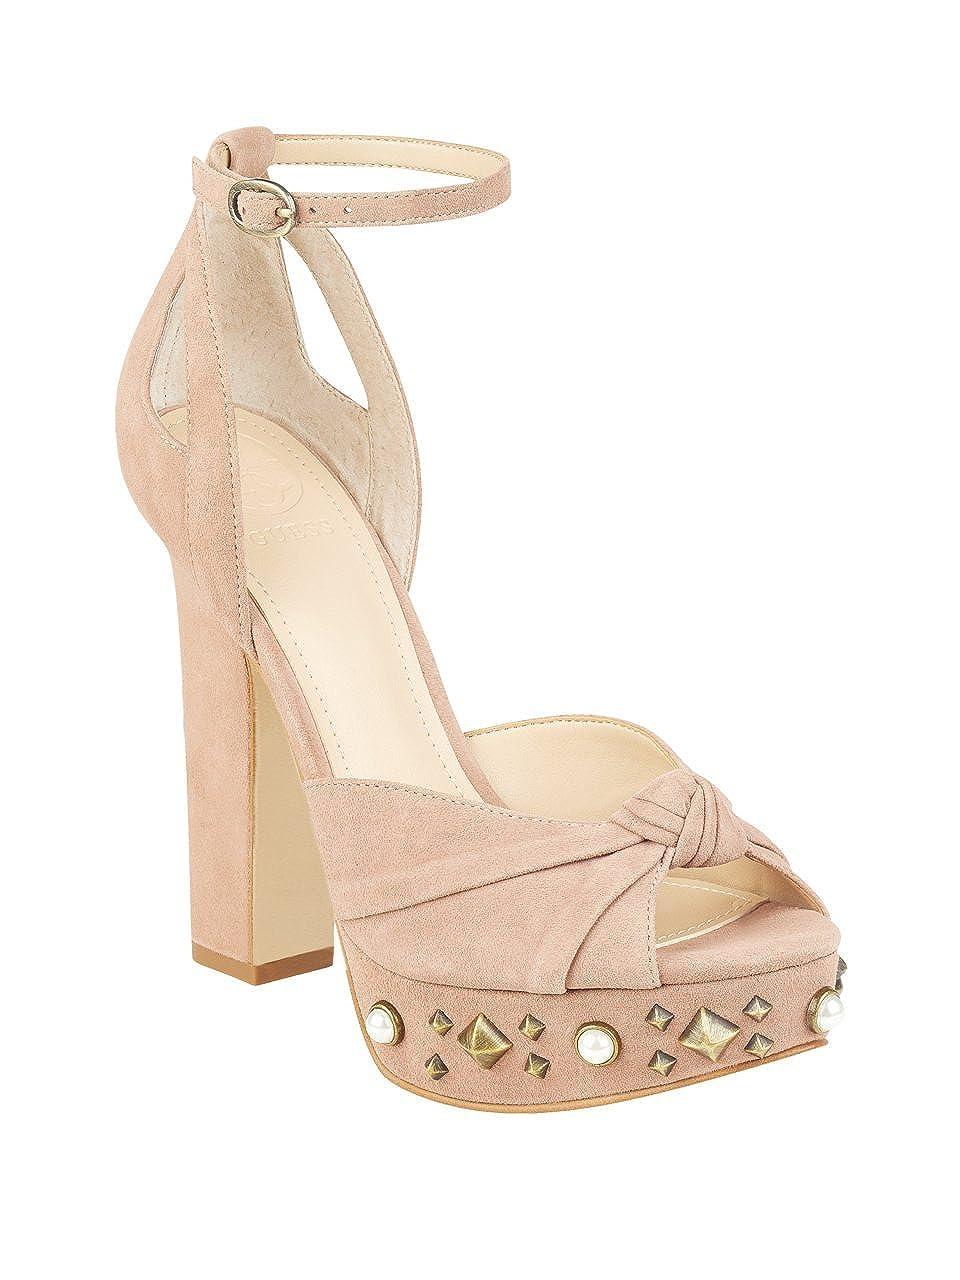 GUESS Platform Women's Kenzie Platform GUESS Sandals B071LJ3FXW Heeled 51f2c1